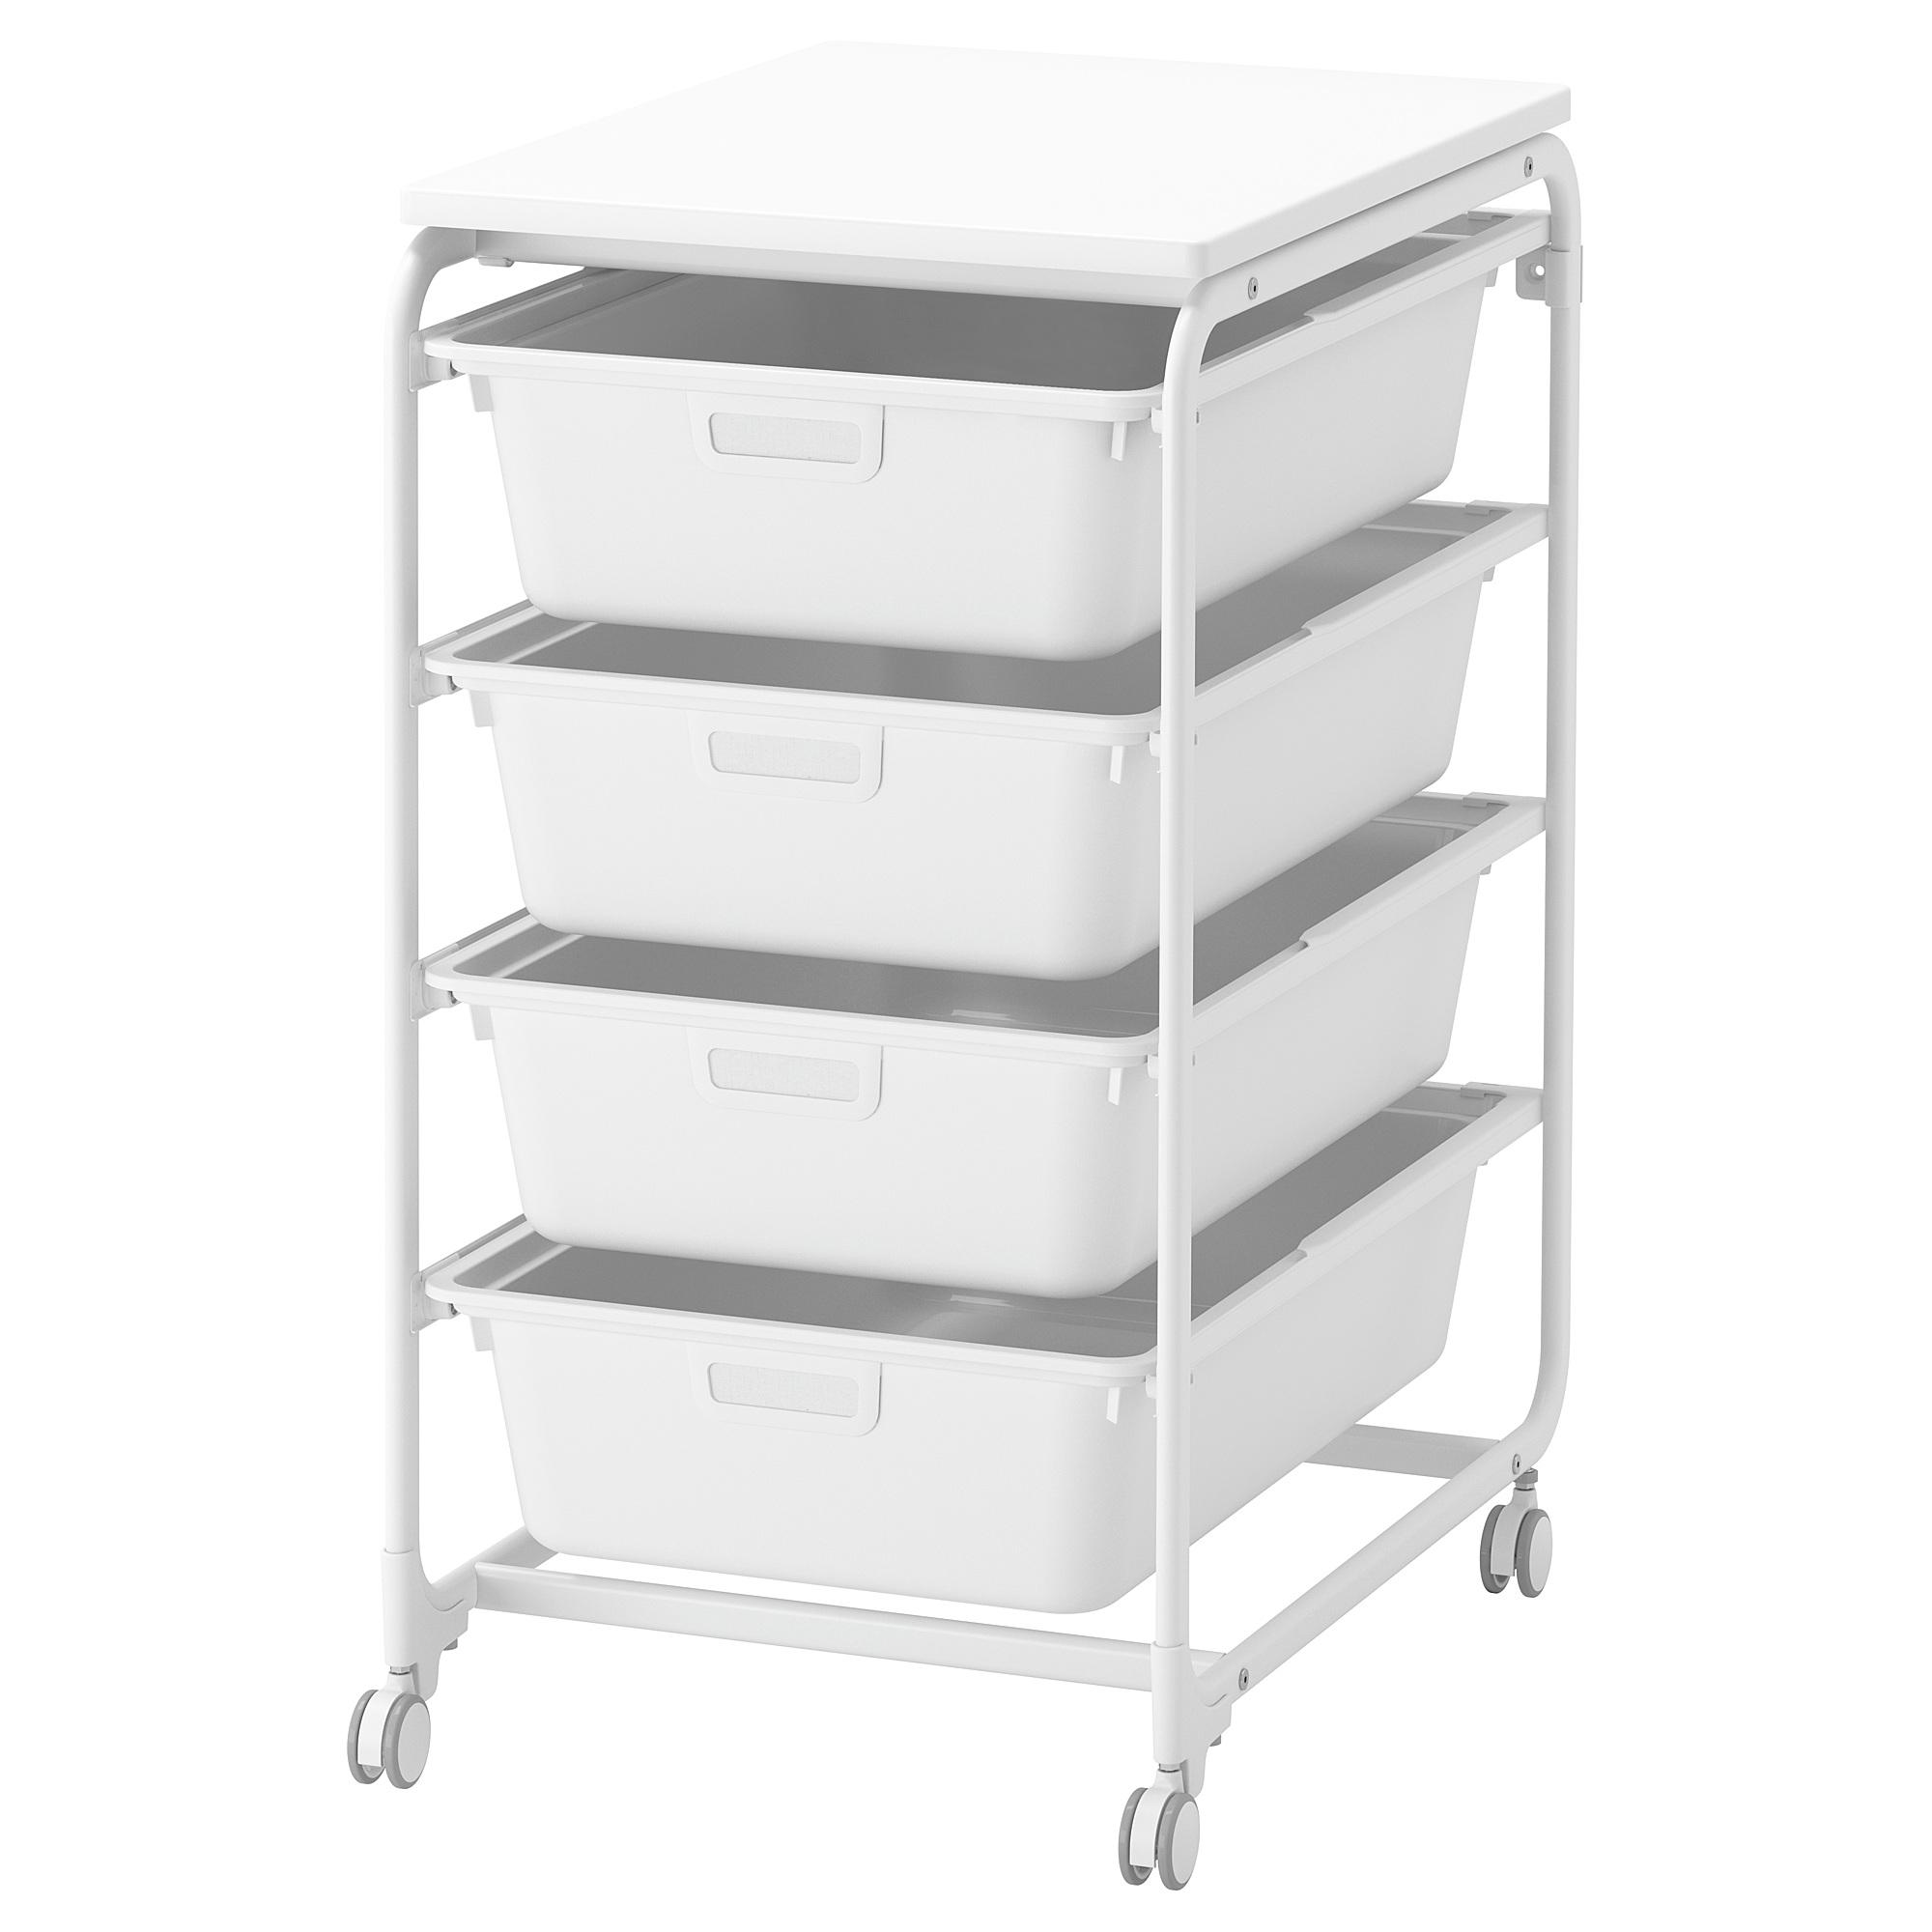 Каркас/4 коробки/верхняя полка АЛЬГОТ белый артикуль № 892.761.80 в наличии. Интернет каталог IKEA РБ. Недорогая доставка и соборка.